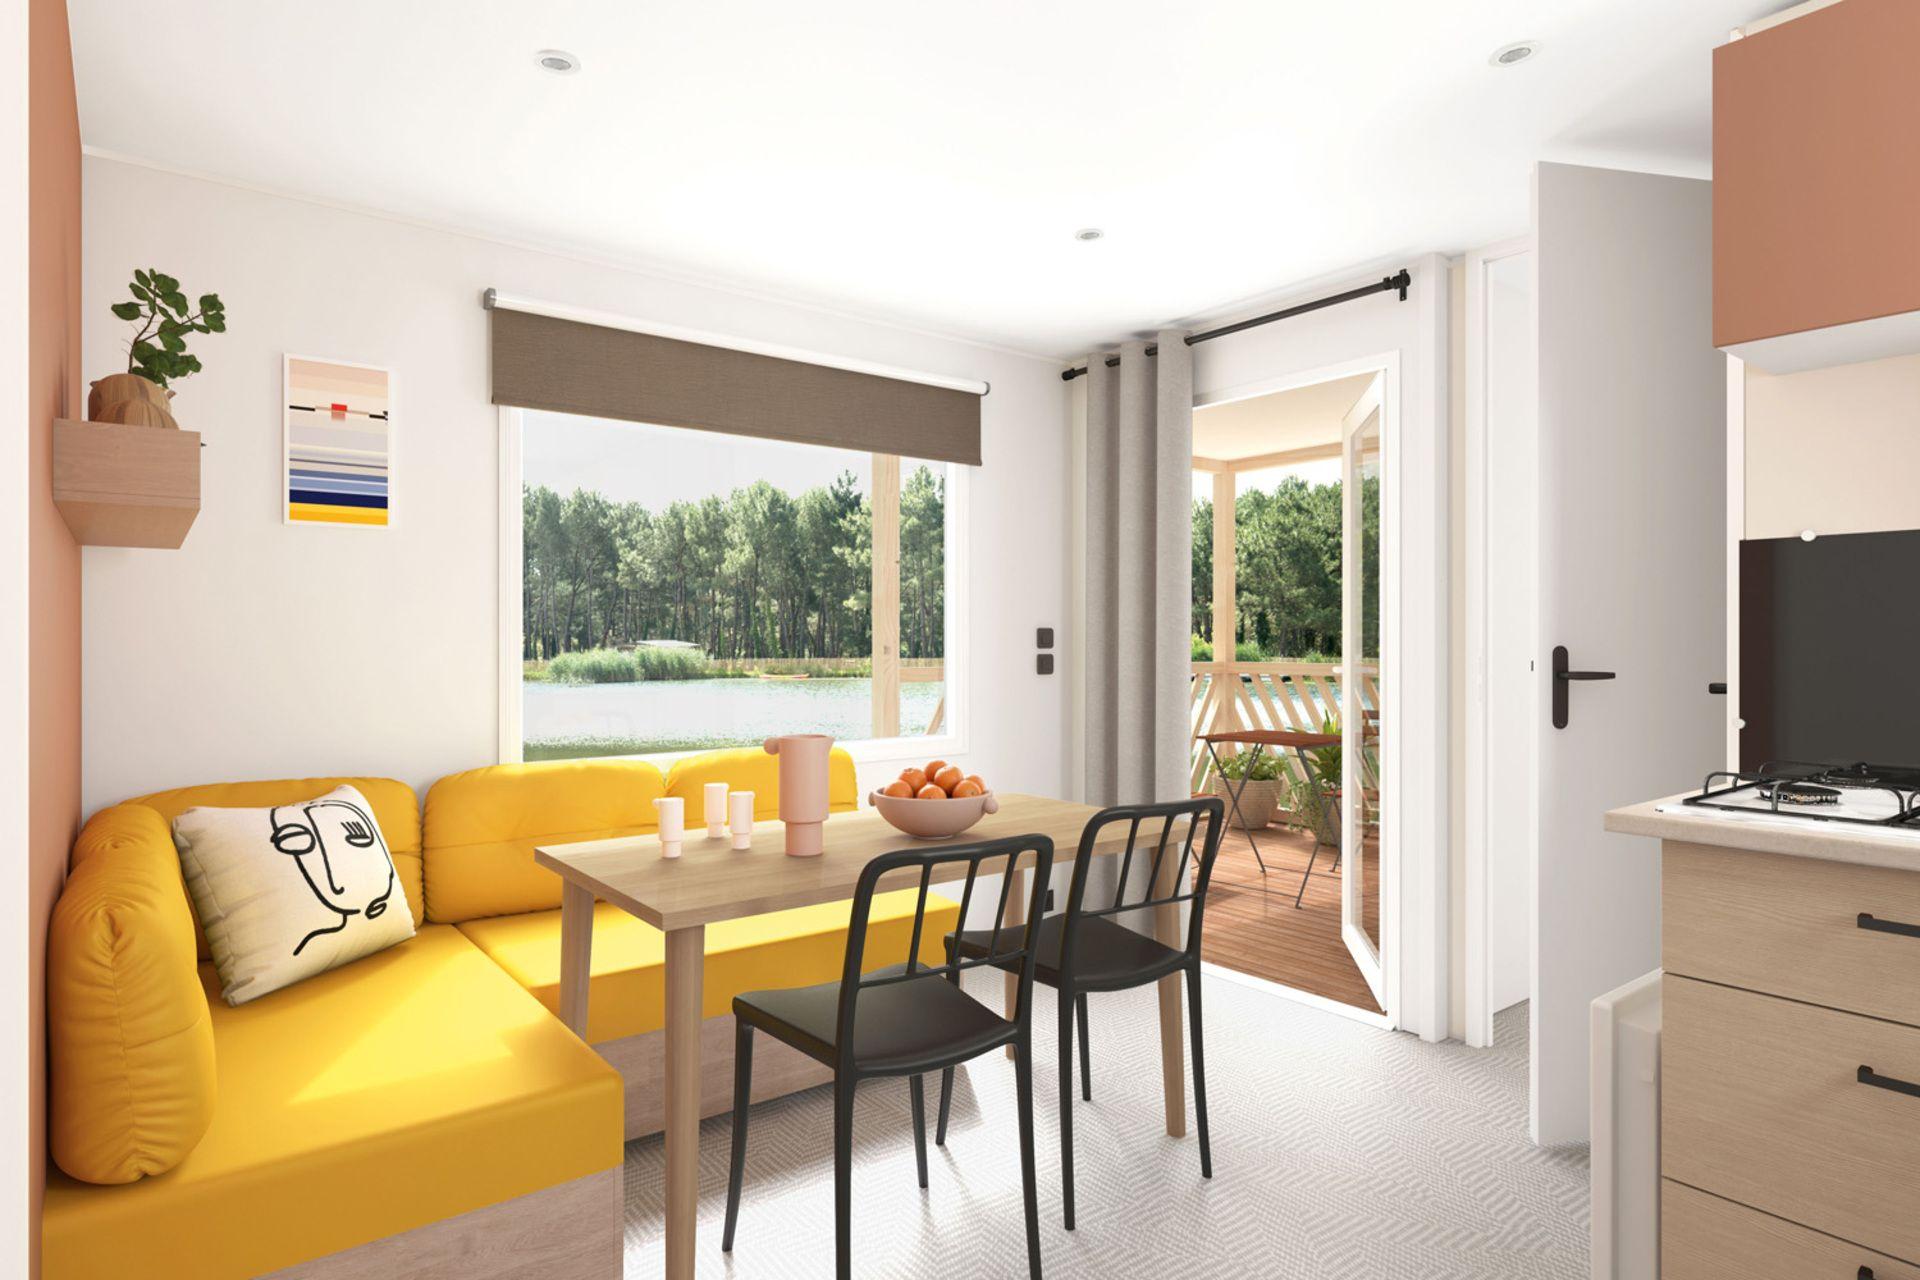 Mobile-home accommodation with loggia Saint Jean de Monts Les Places Dorées